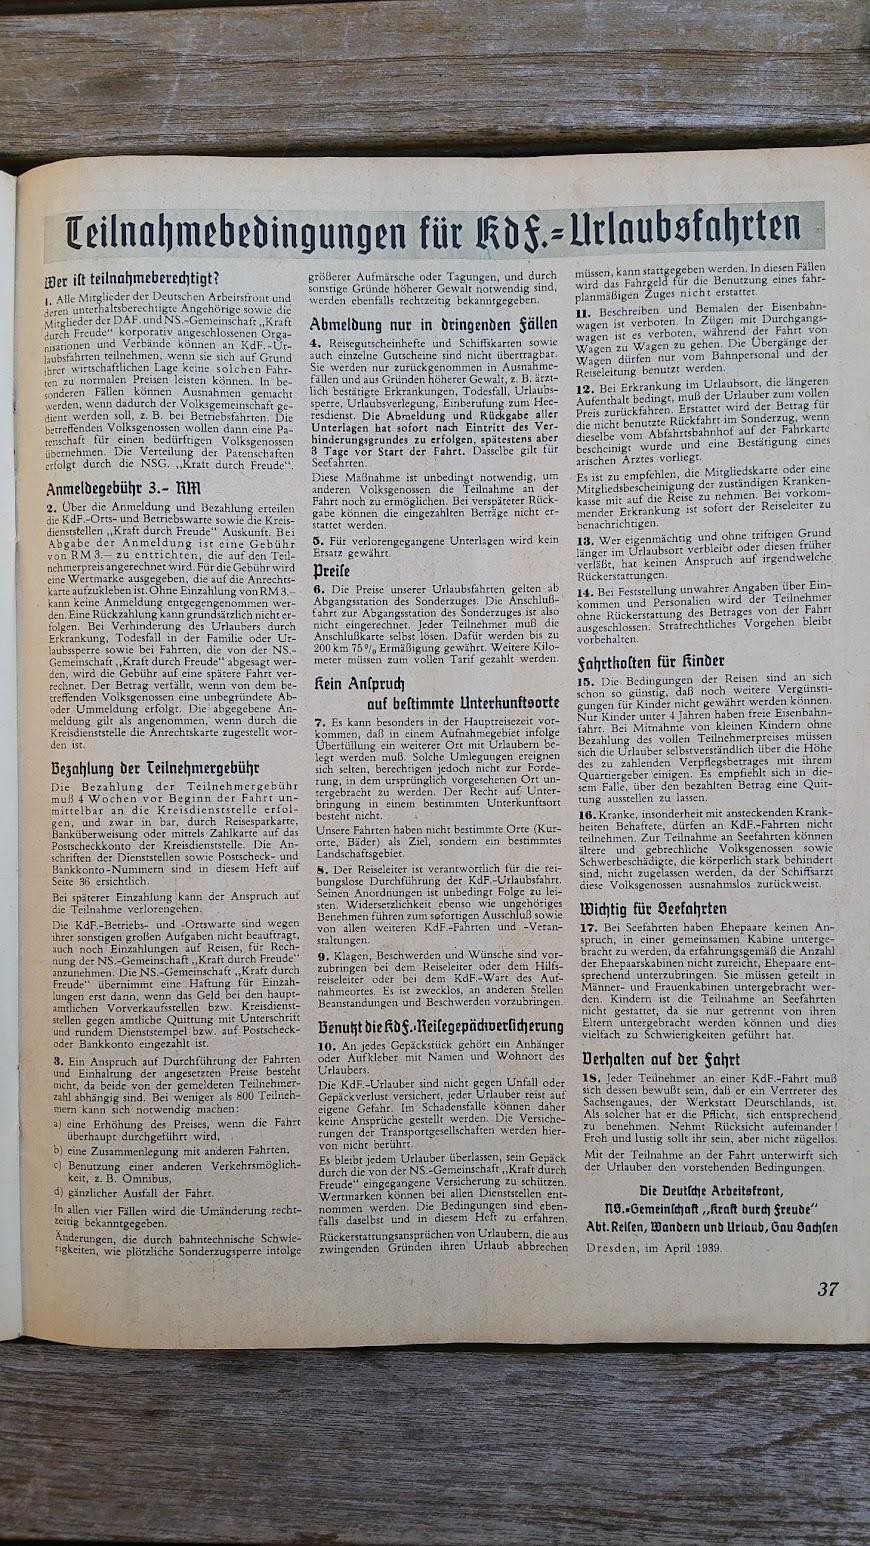 """Die Deutsche Arbeitsfront - Urlaubsfahrten 1939 - NS-Gemeinschaft """"Kraft durch Freude"""" Gau Sachsen - Katalog - KdF"""